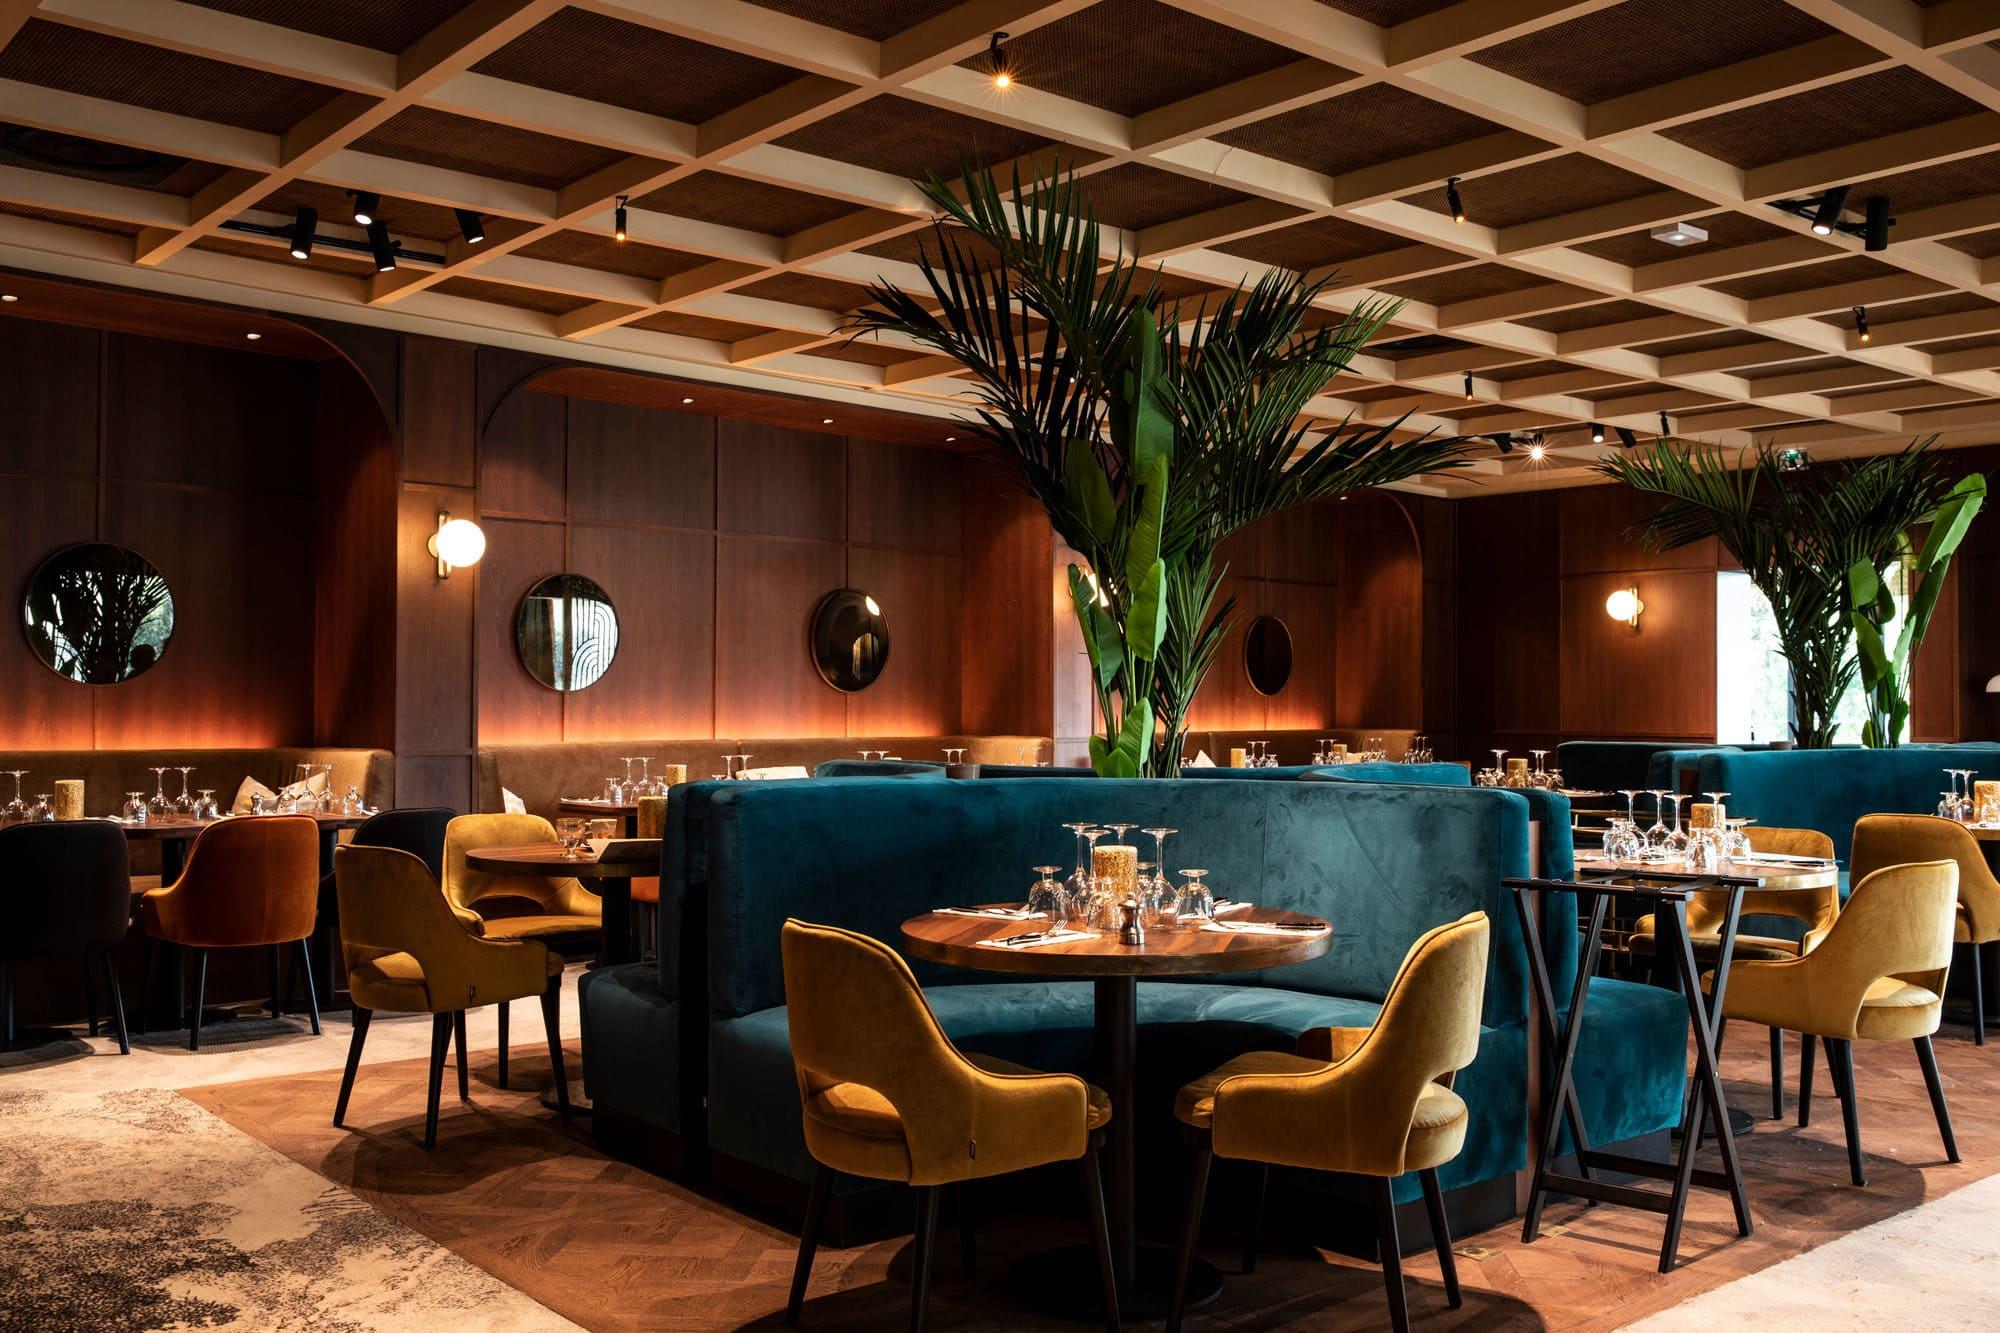 Conception de l'ambiance lumineuse du restaurant Les Bistrots Parisiens